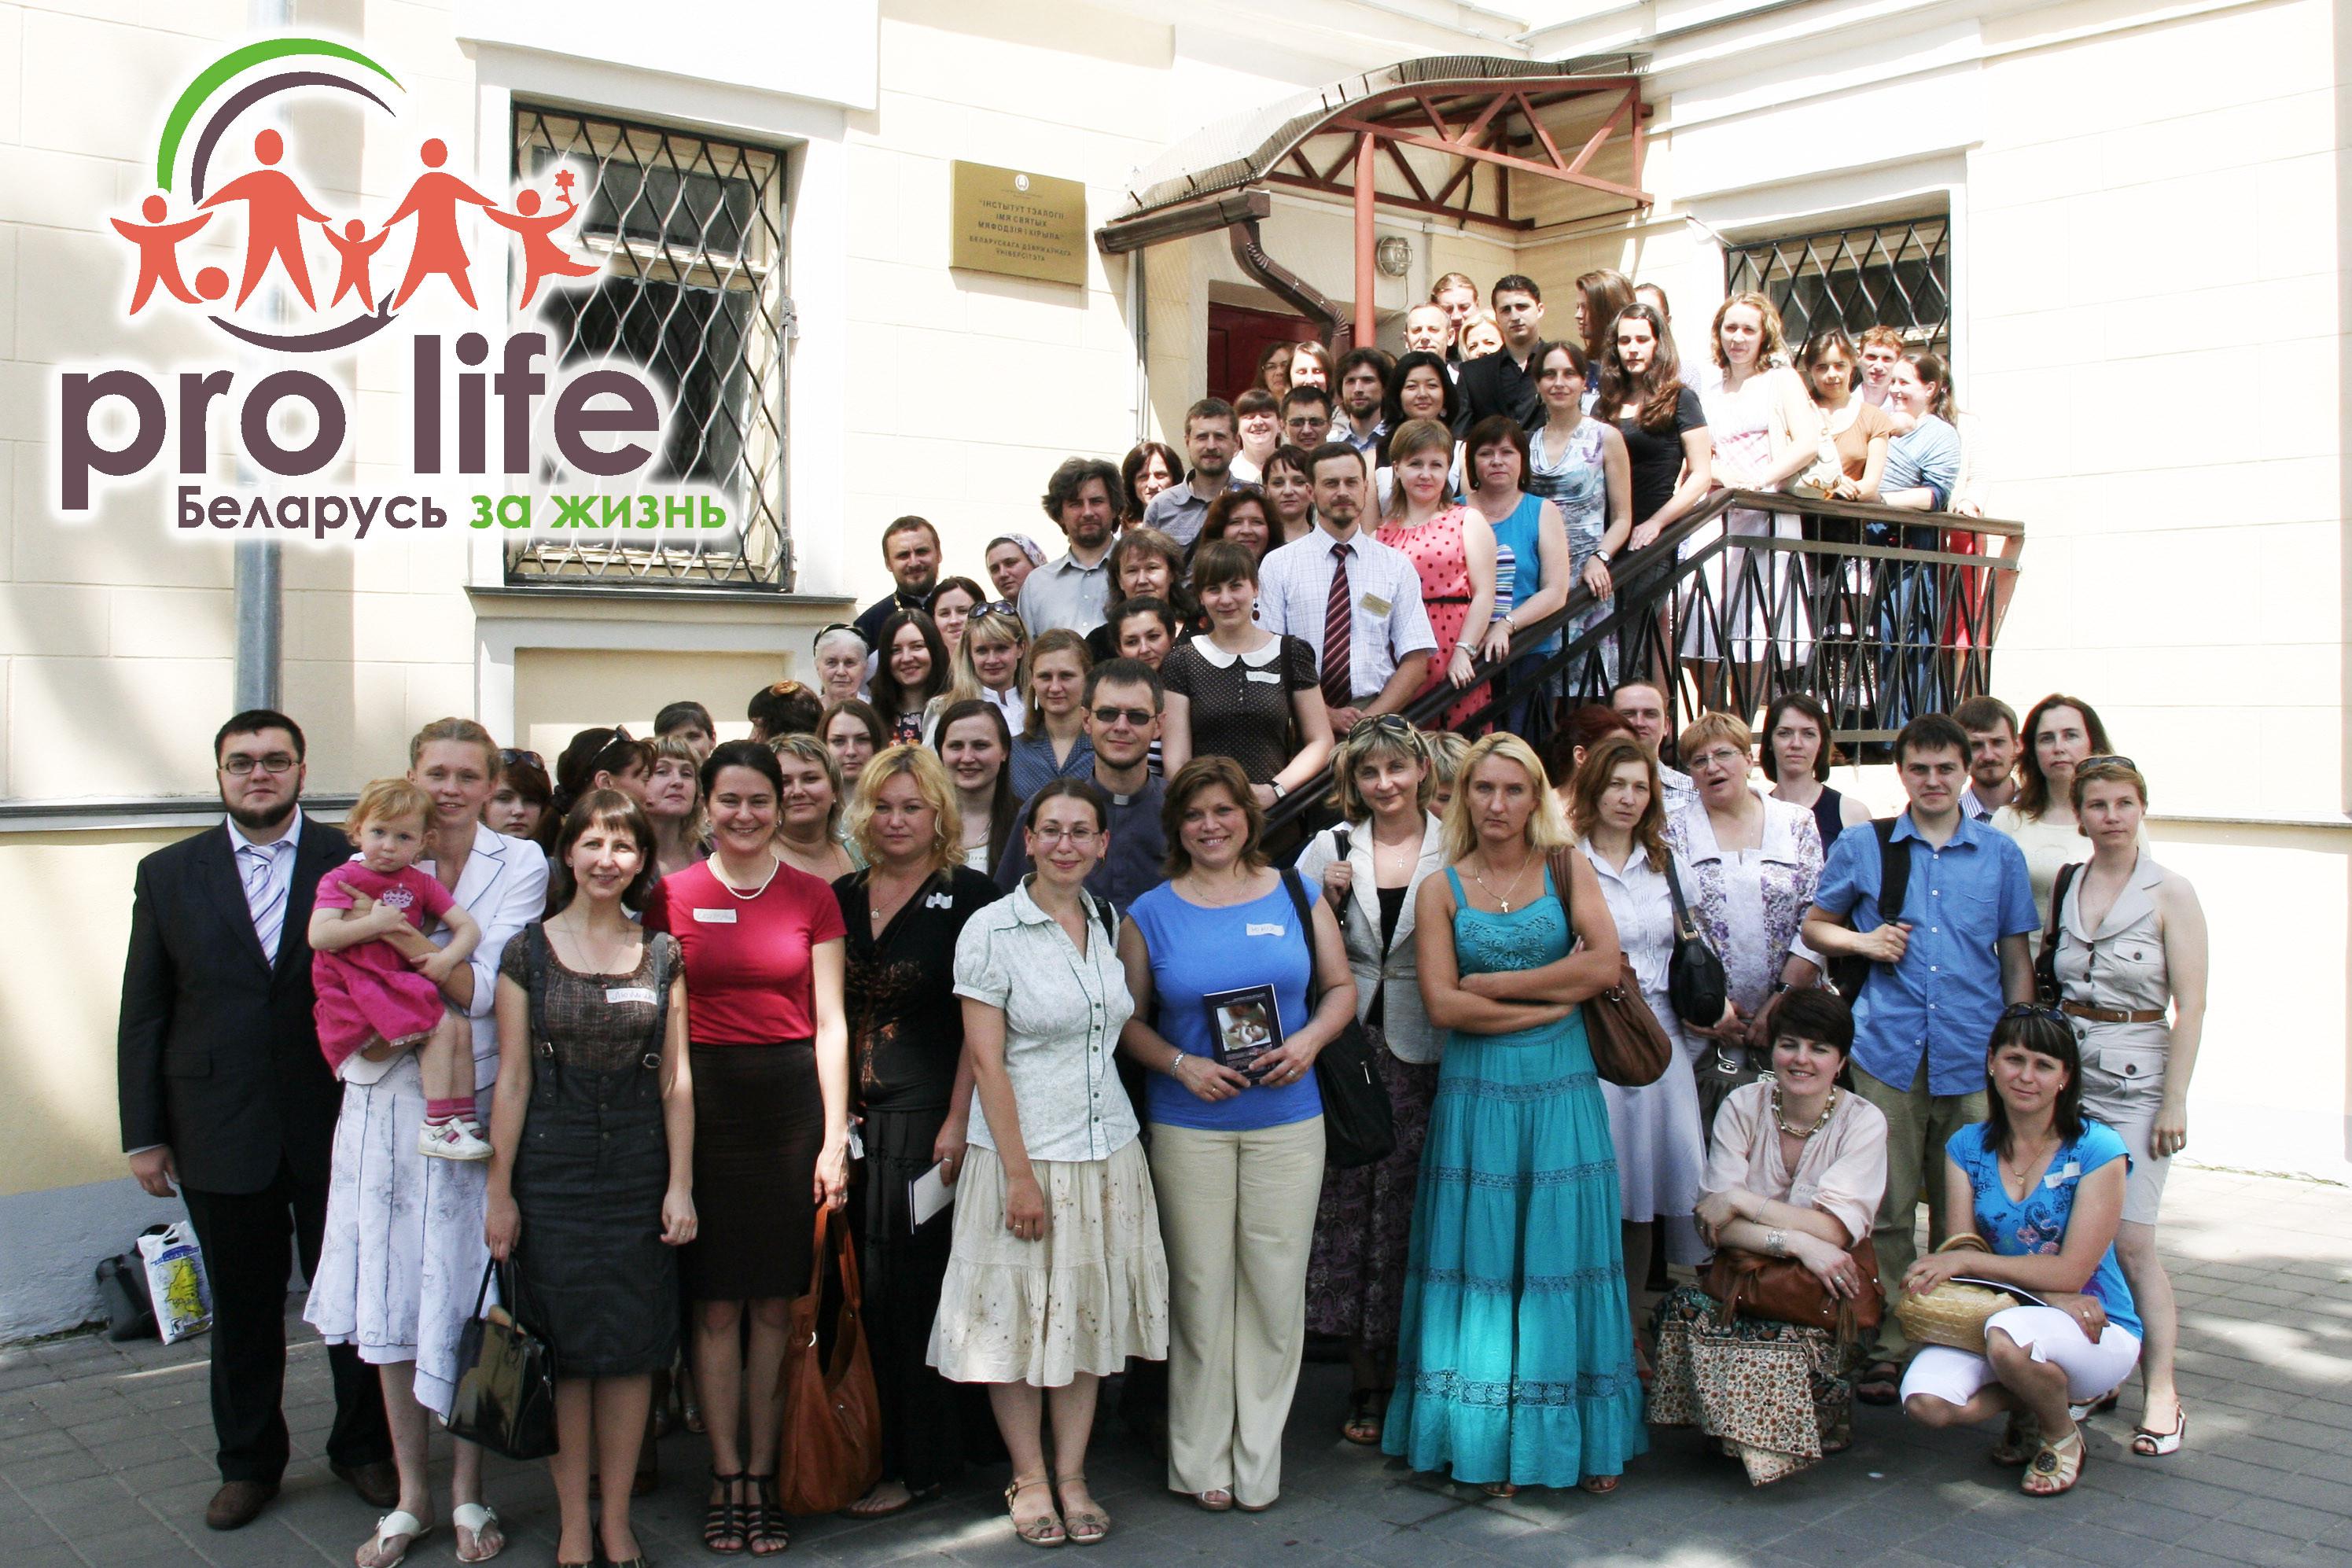 В Минске прошла научно-практическая конференция «Белорусский пролайф: факторный анализ и управленческие решения»